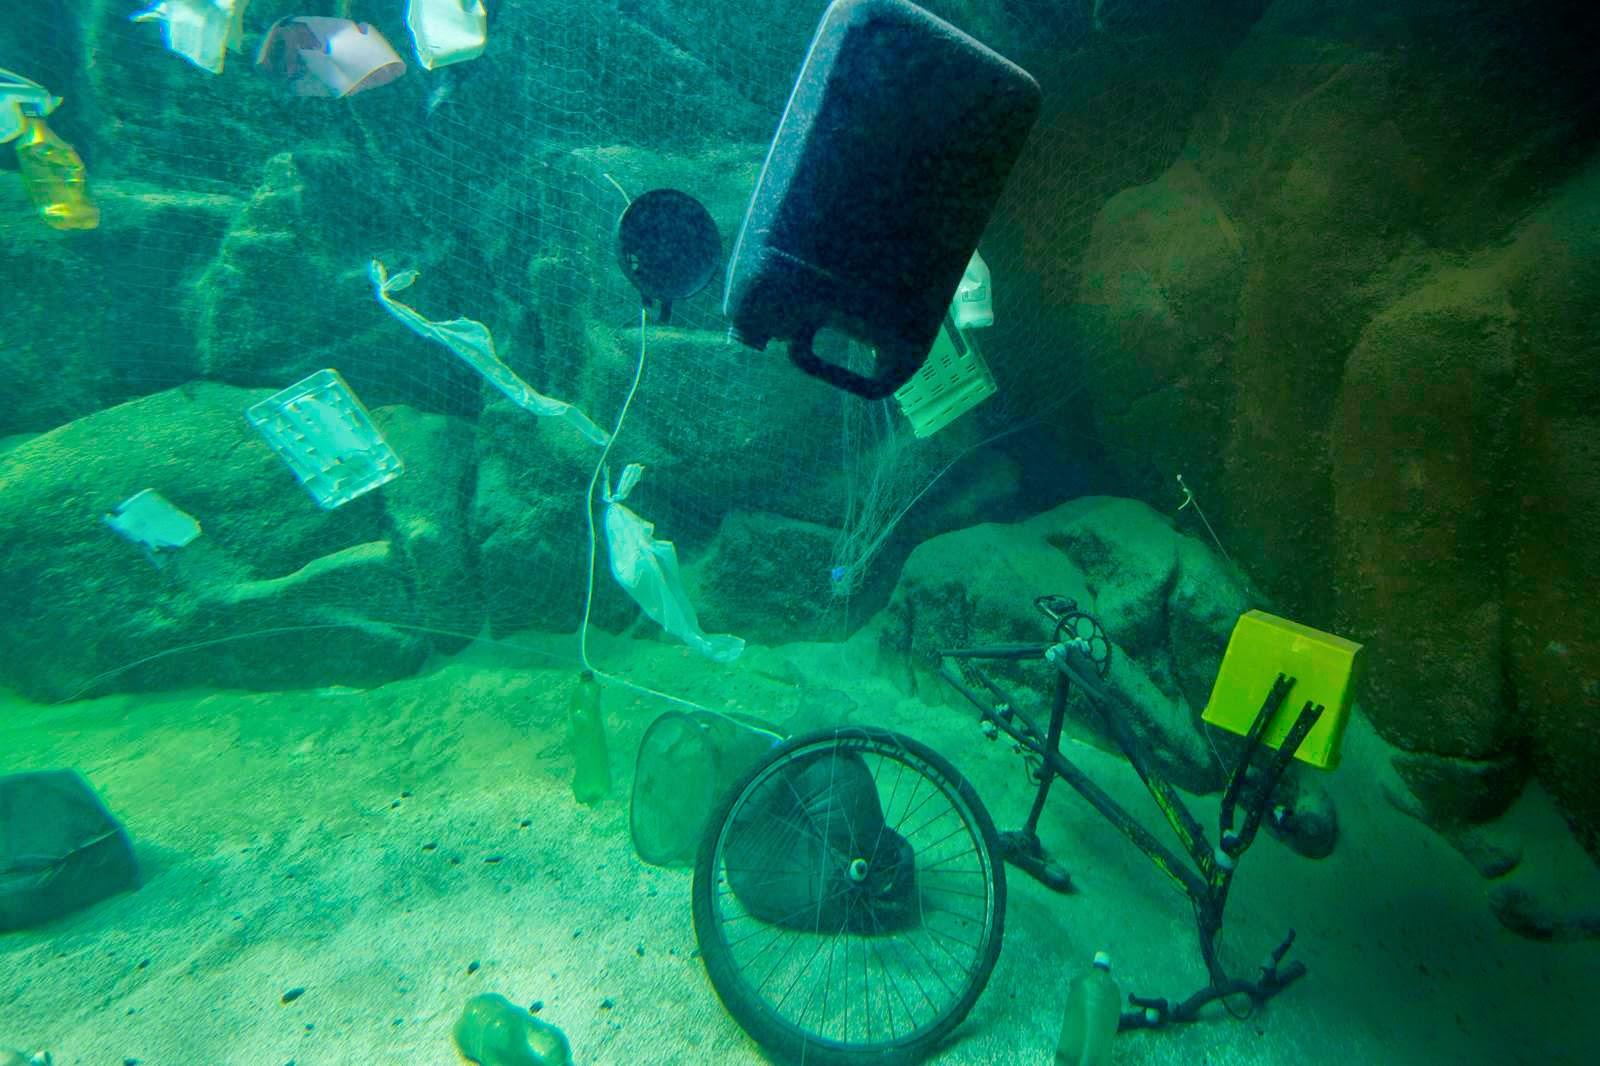 """Metade do """"tanque oceano"""" foi preenchido com os resíduos coletados pelos voluntários"""